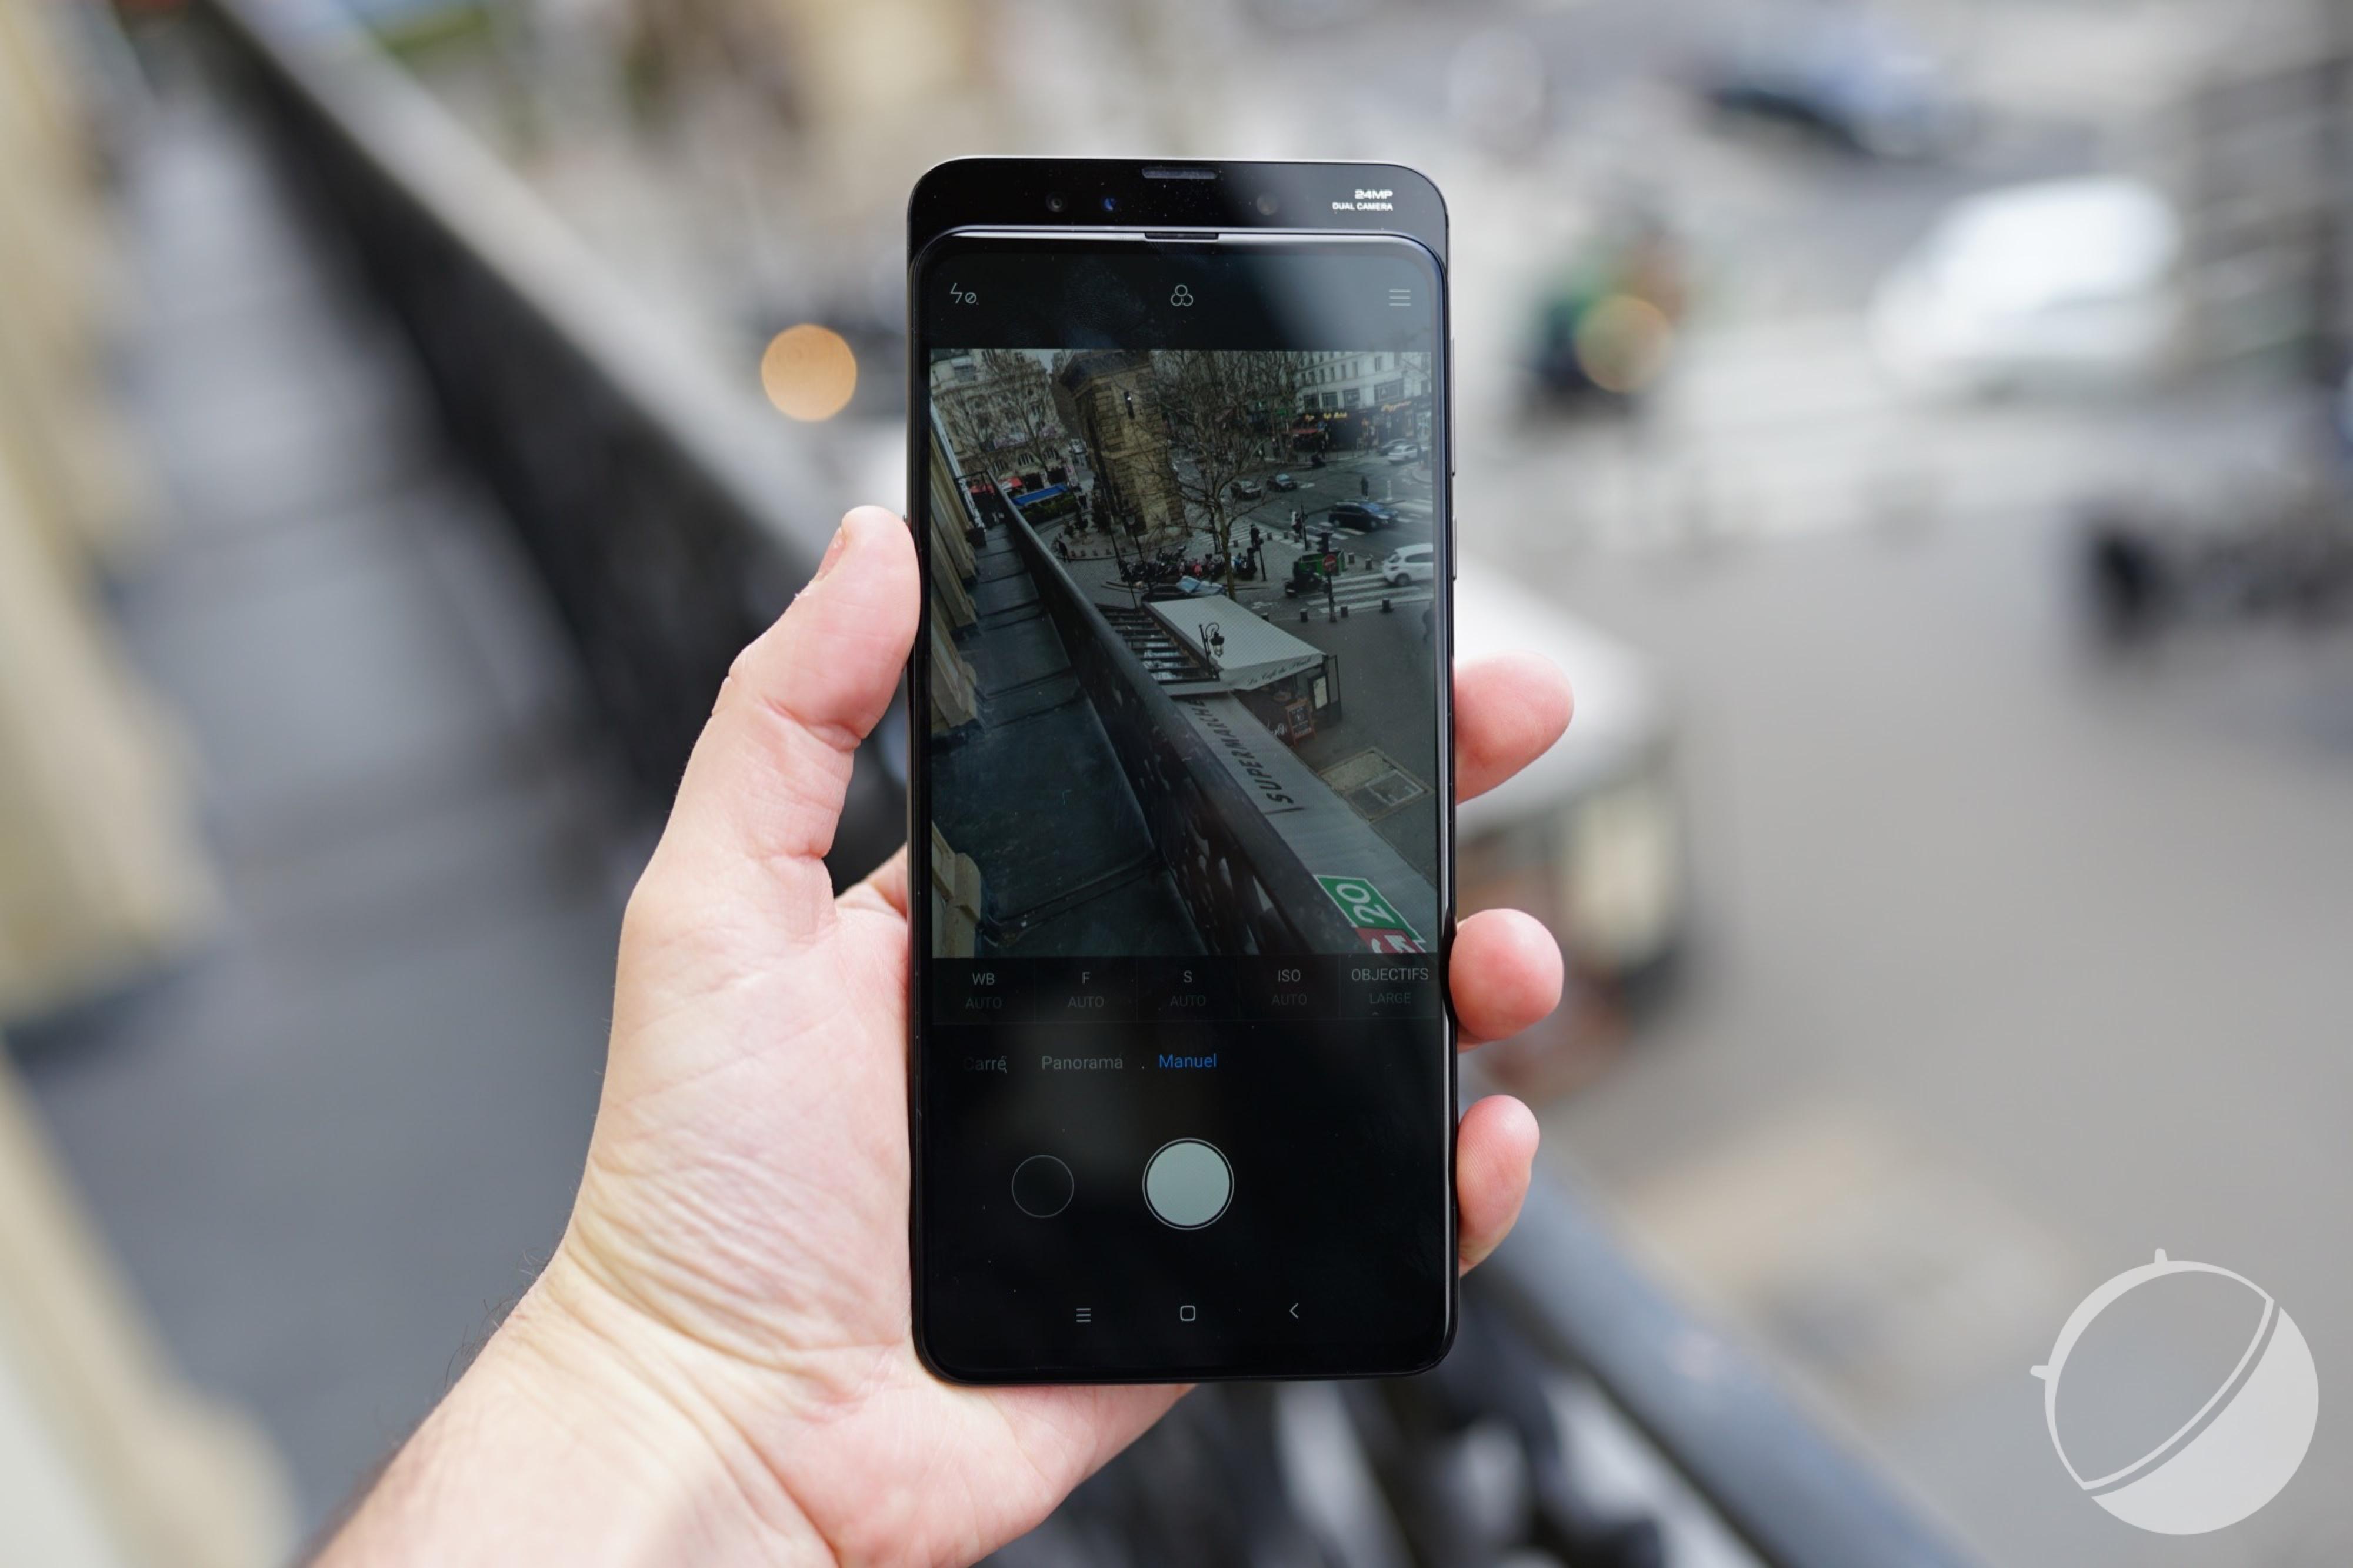 Utilisez-vous une coque pour votre smartphone ? – Sondage de la semaine